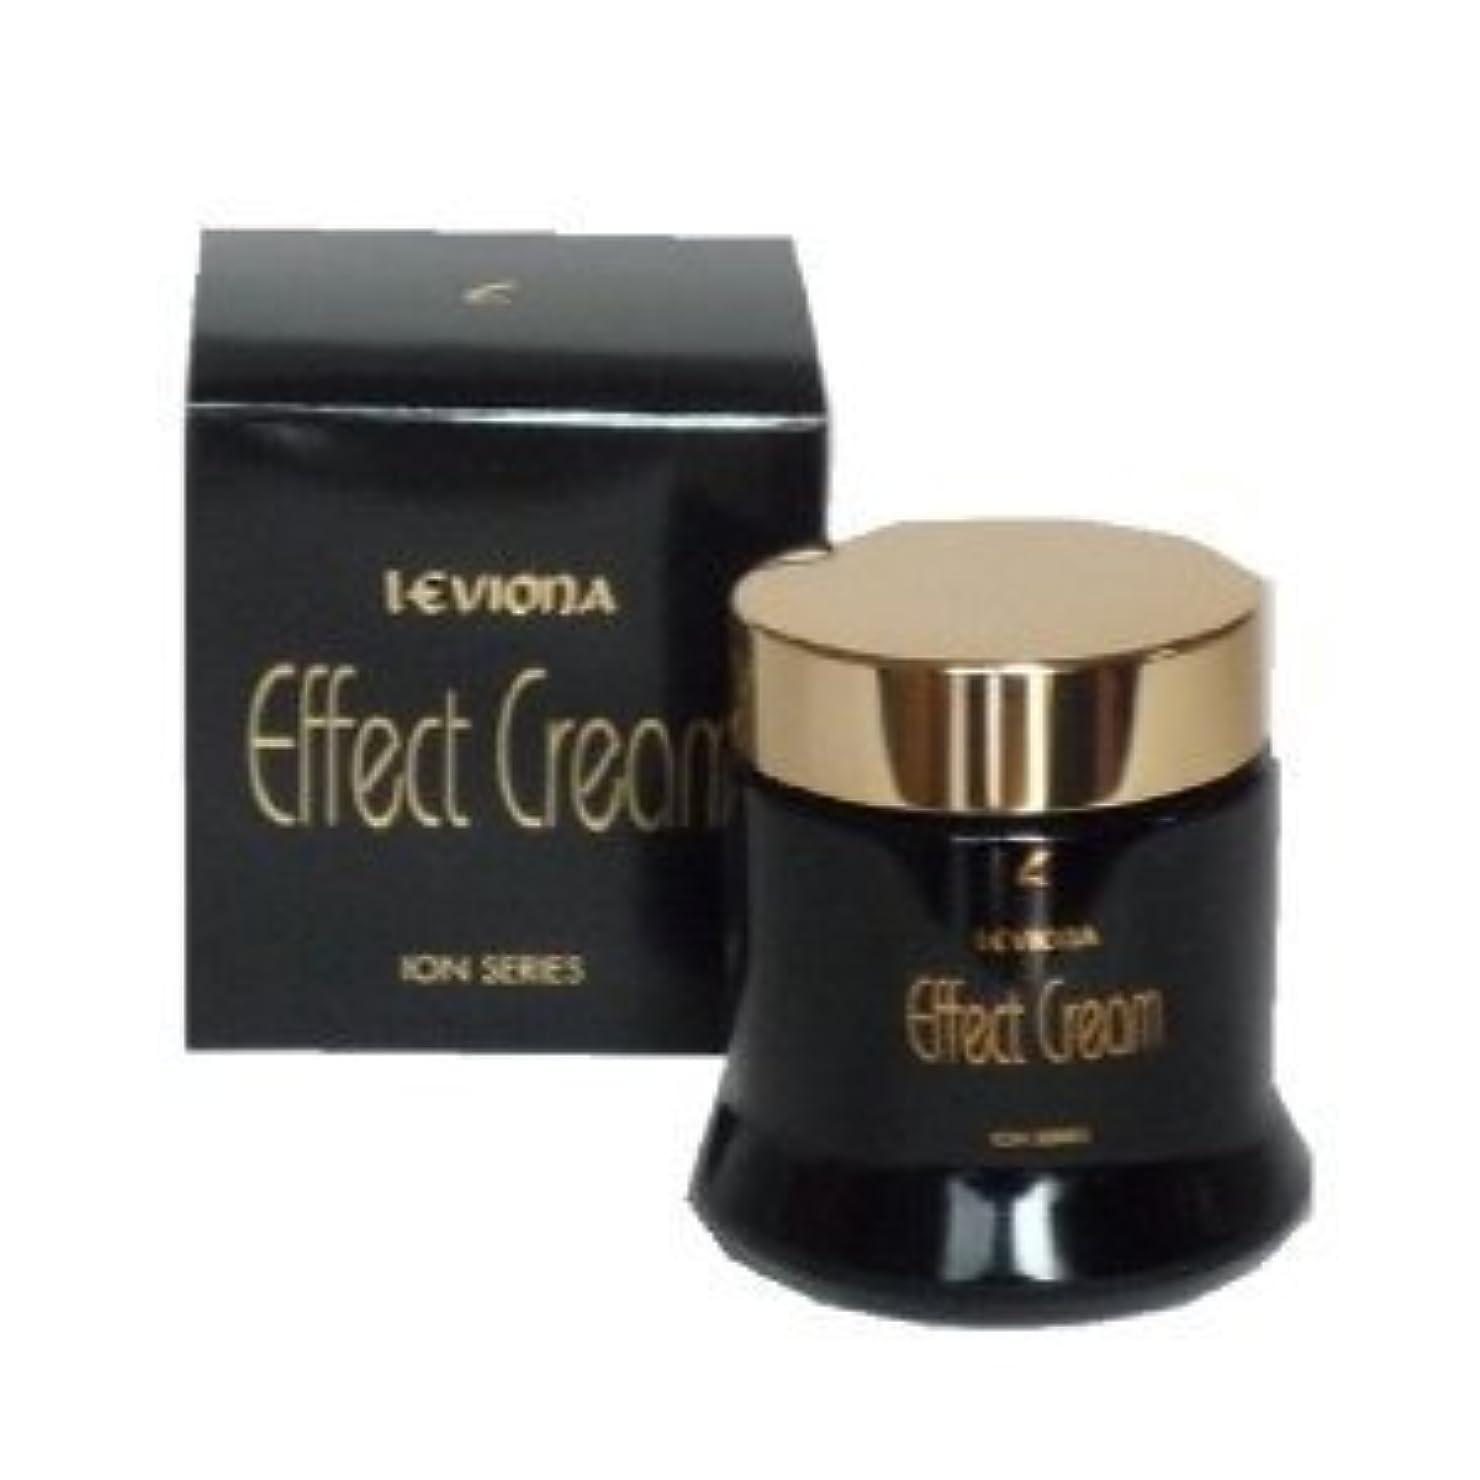 主に犠牲細胞レビオナ化粧品エフェクトクリーム天然イオン配合